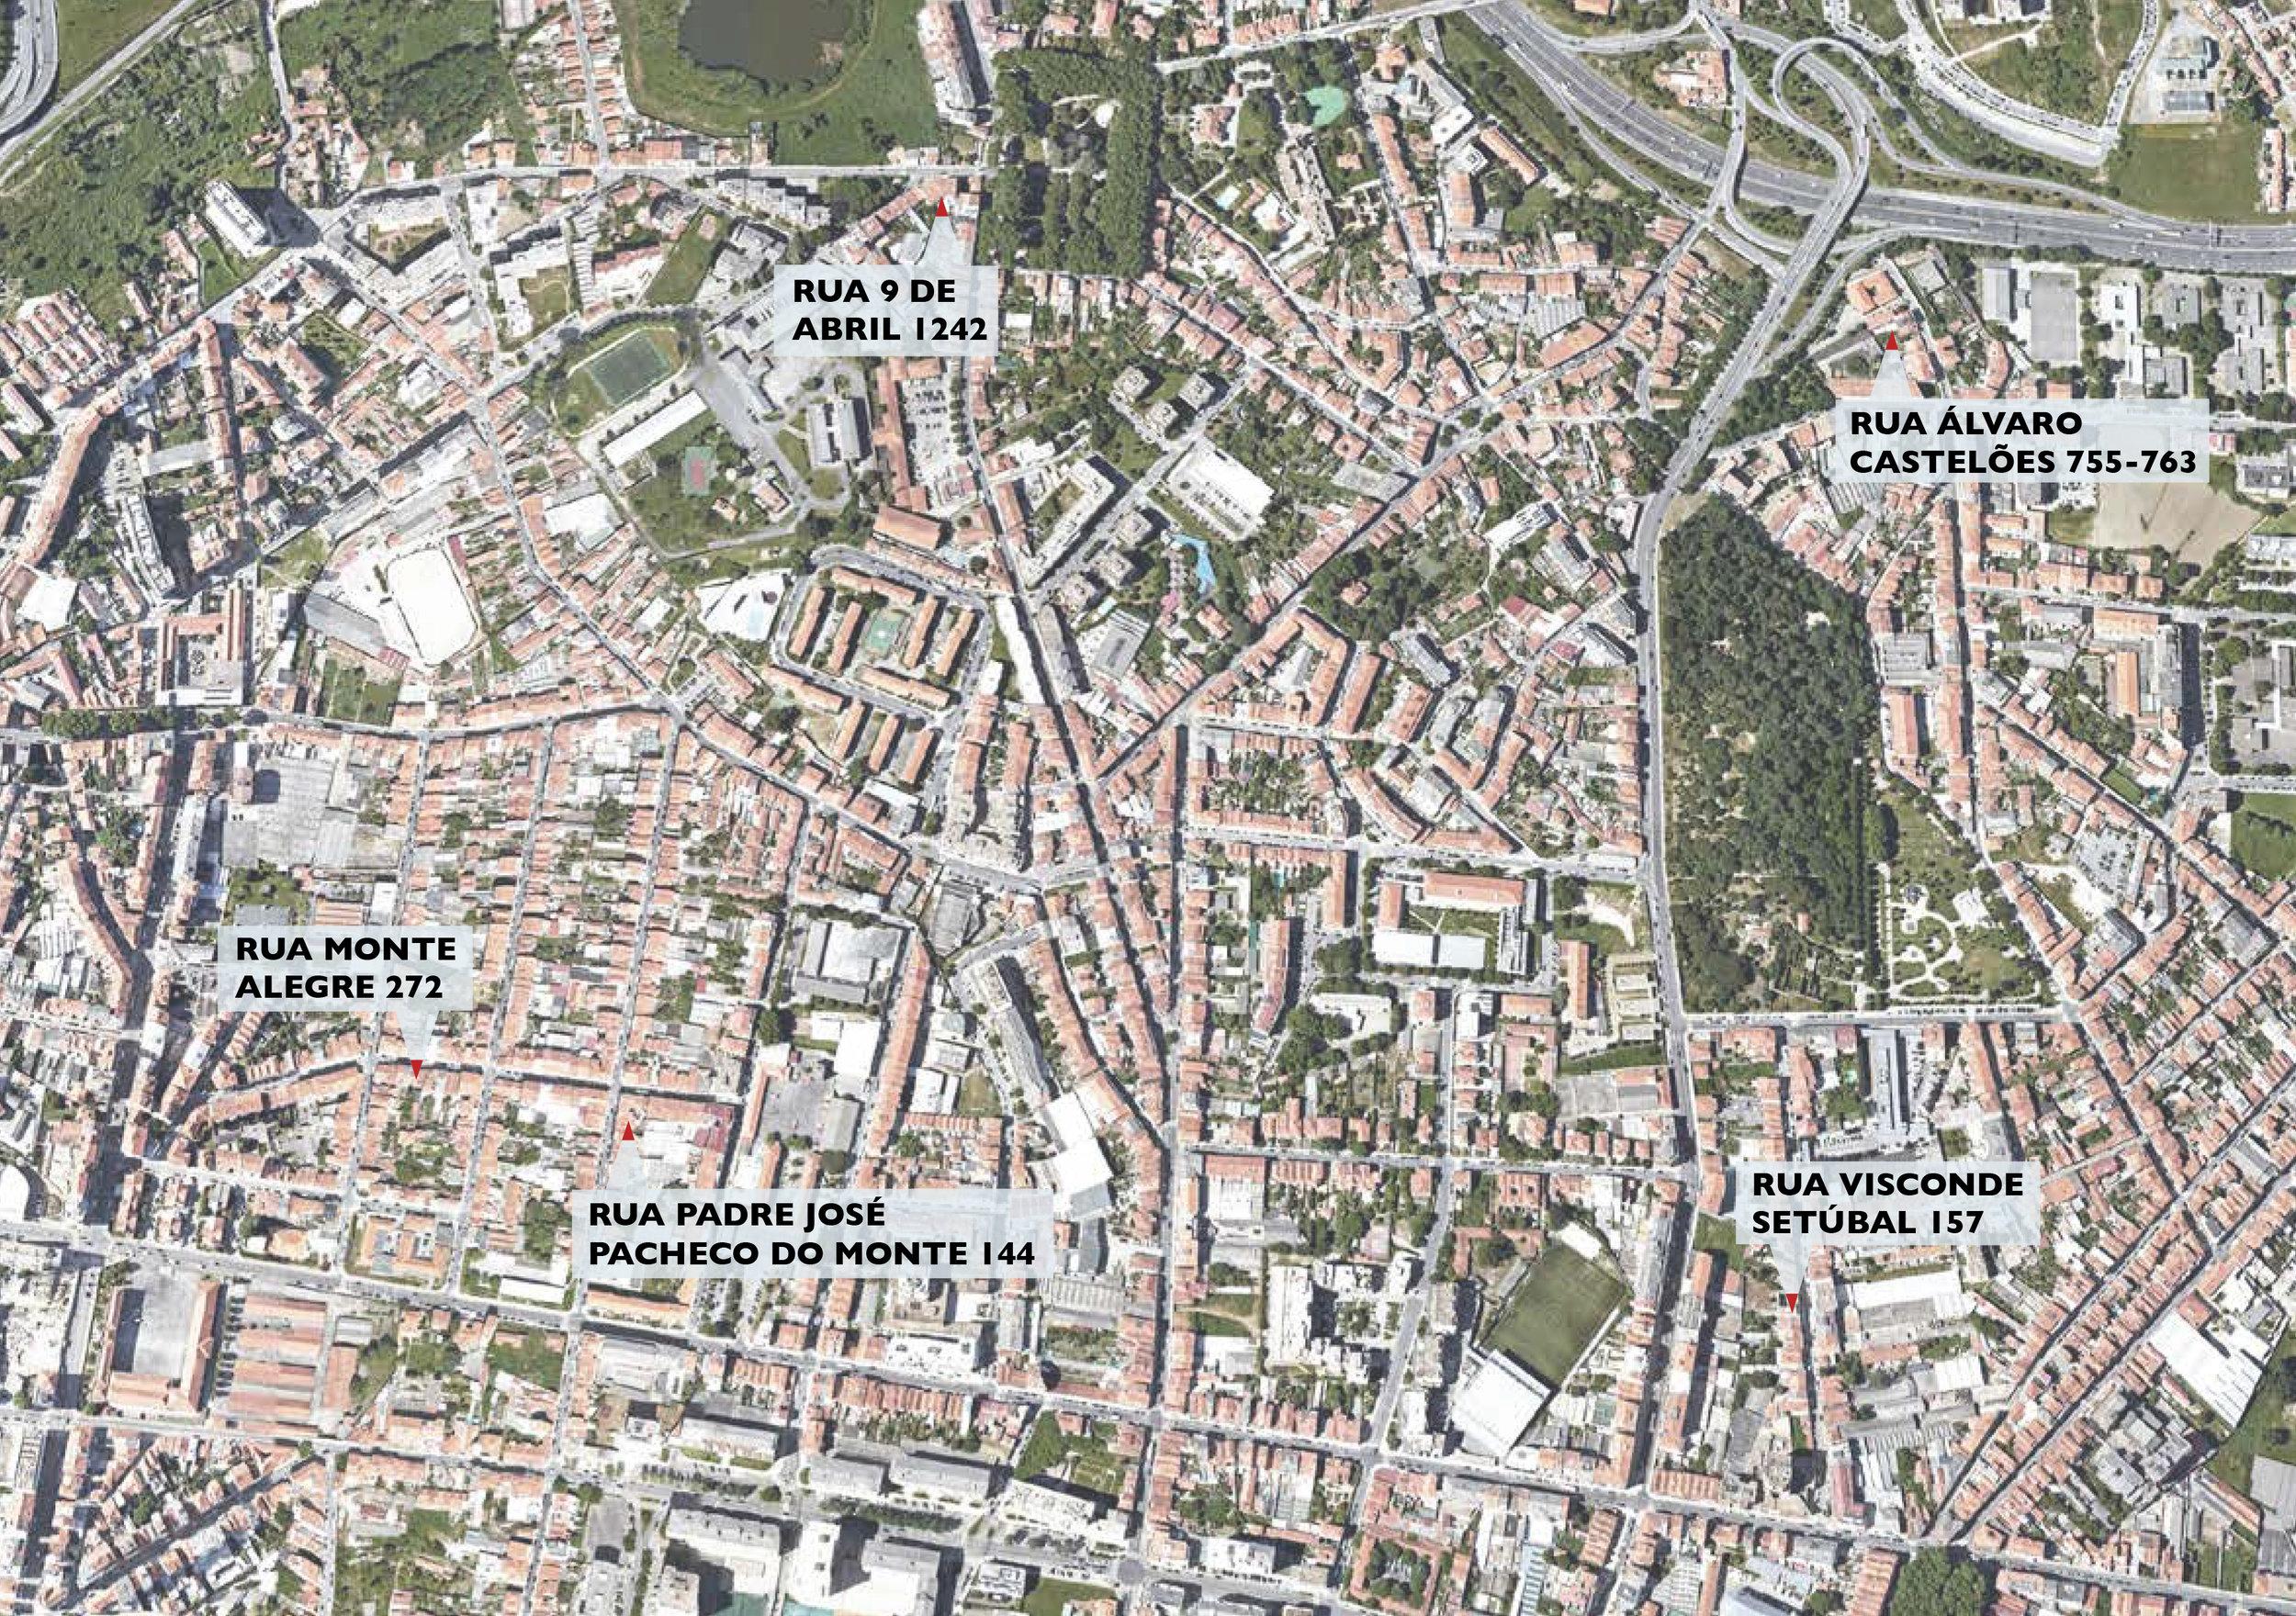 case studies - Porto, 2018